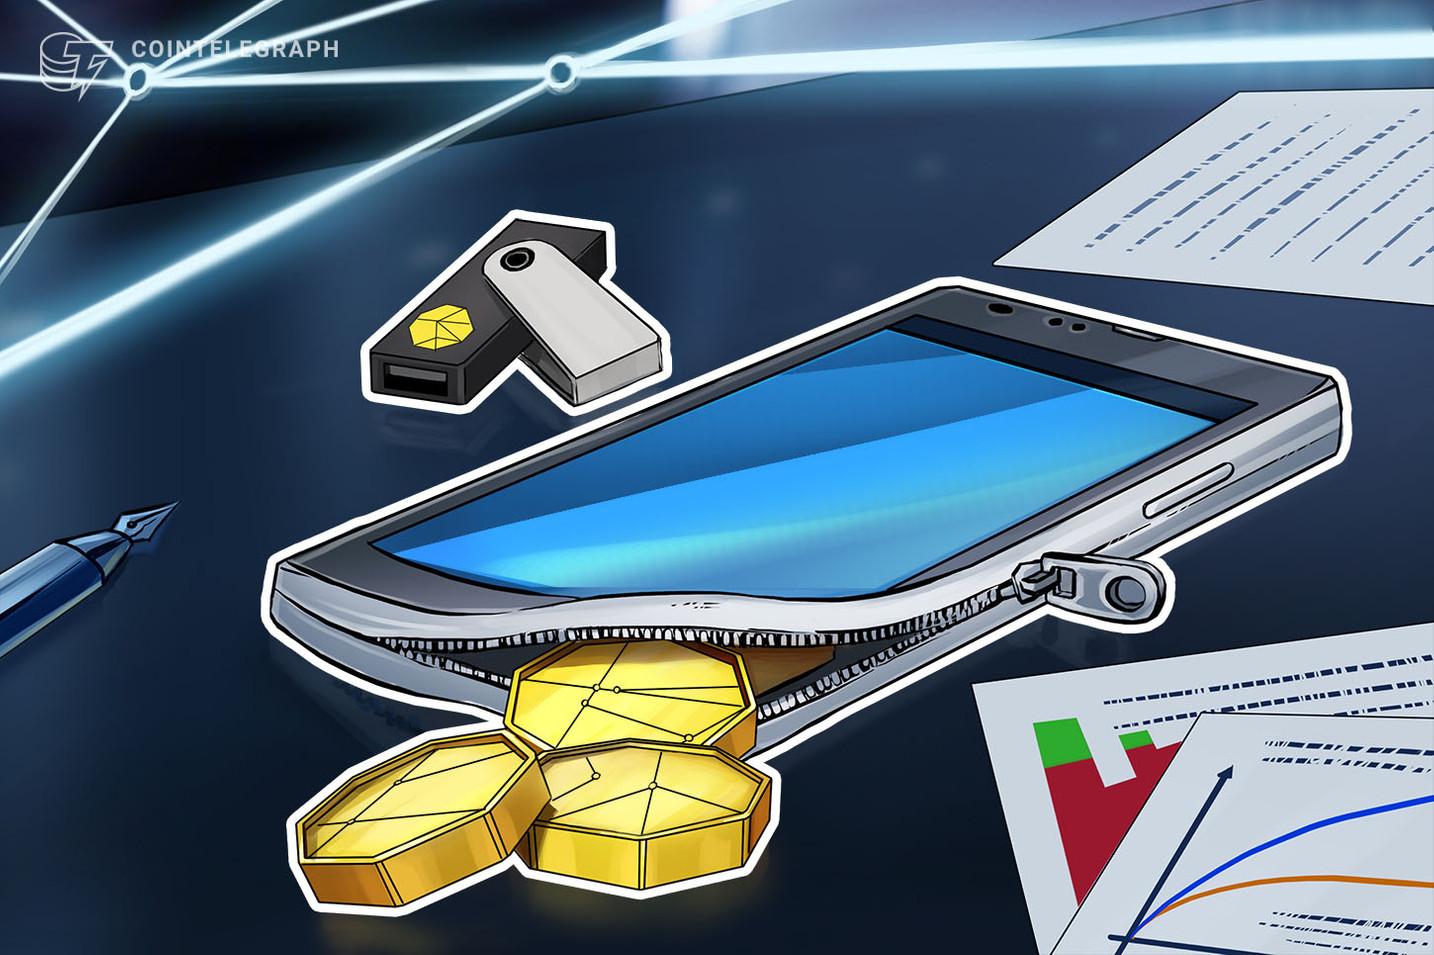 Los smartphones económicos de Samsung tendrán funciones de criptomonedas y blockchain